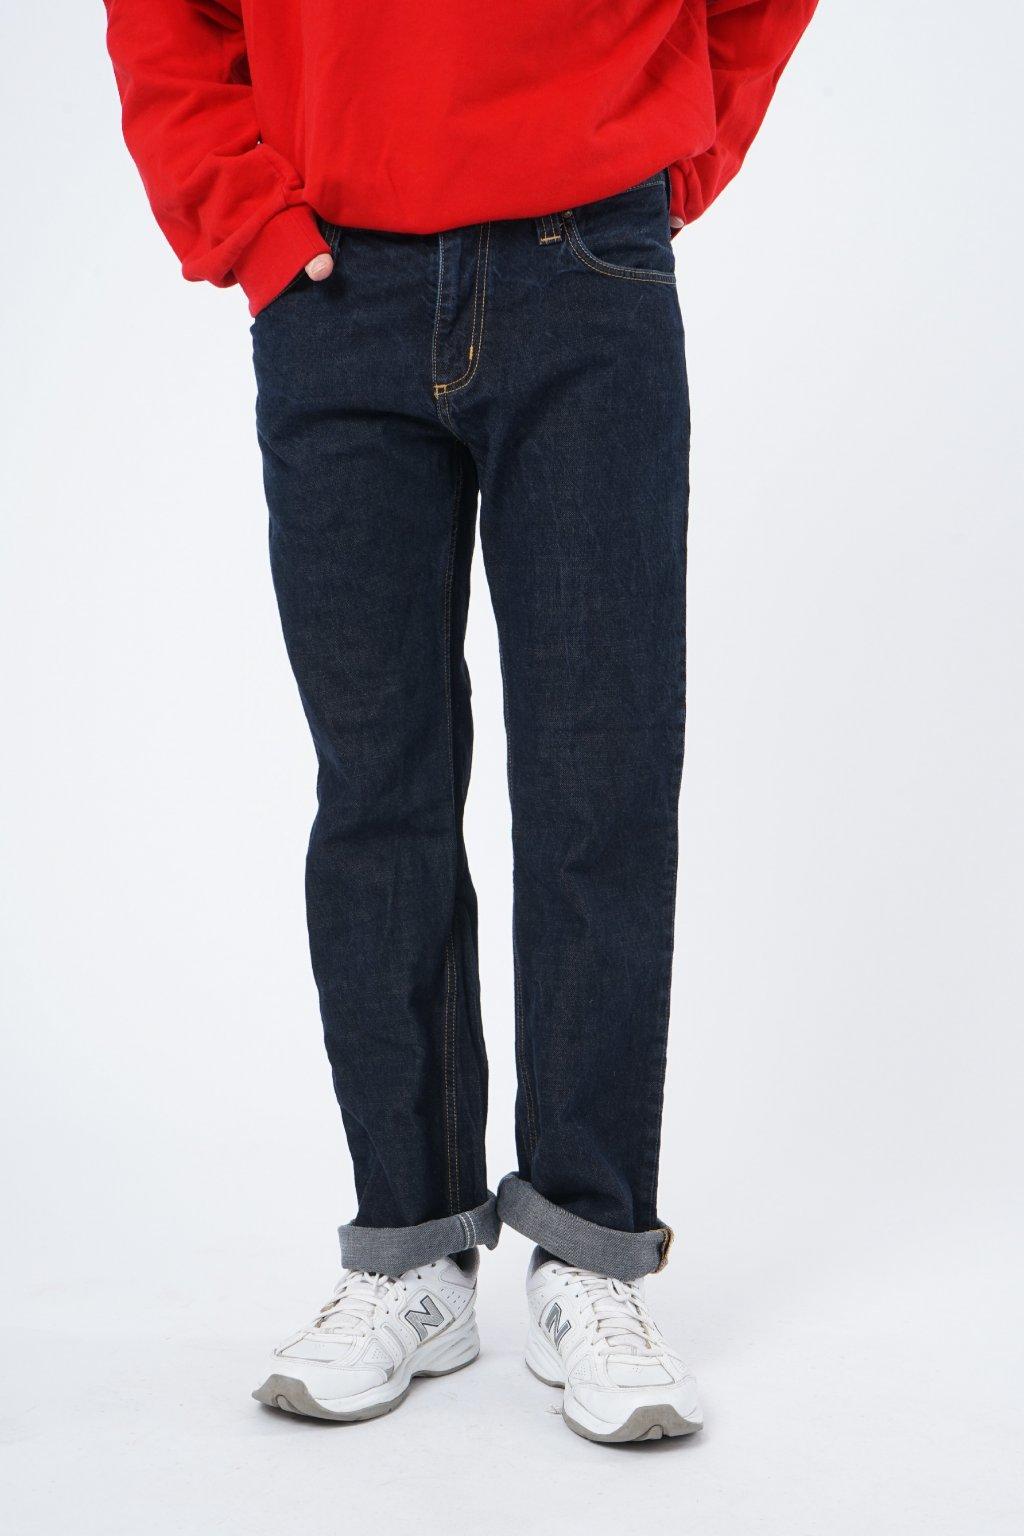 Carrhart džíny (30x32)